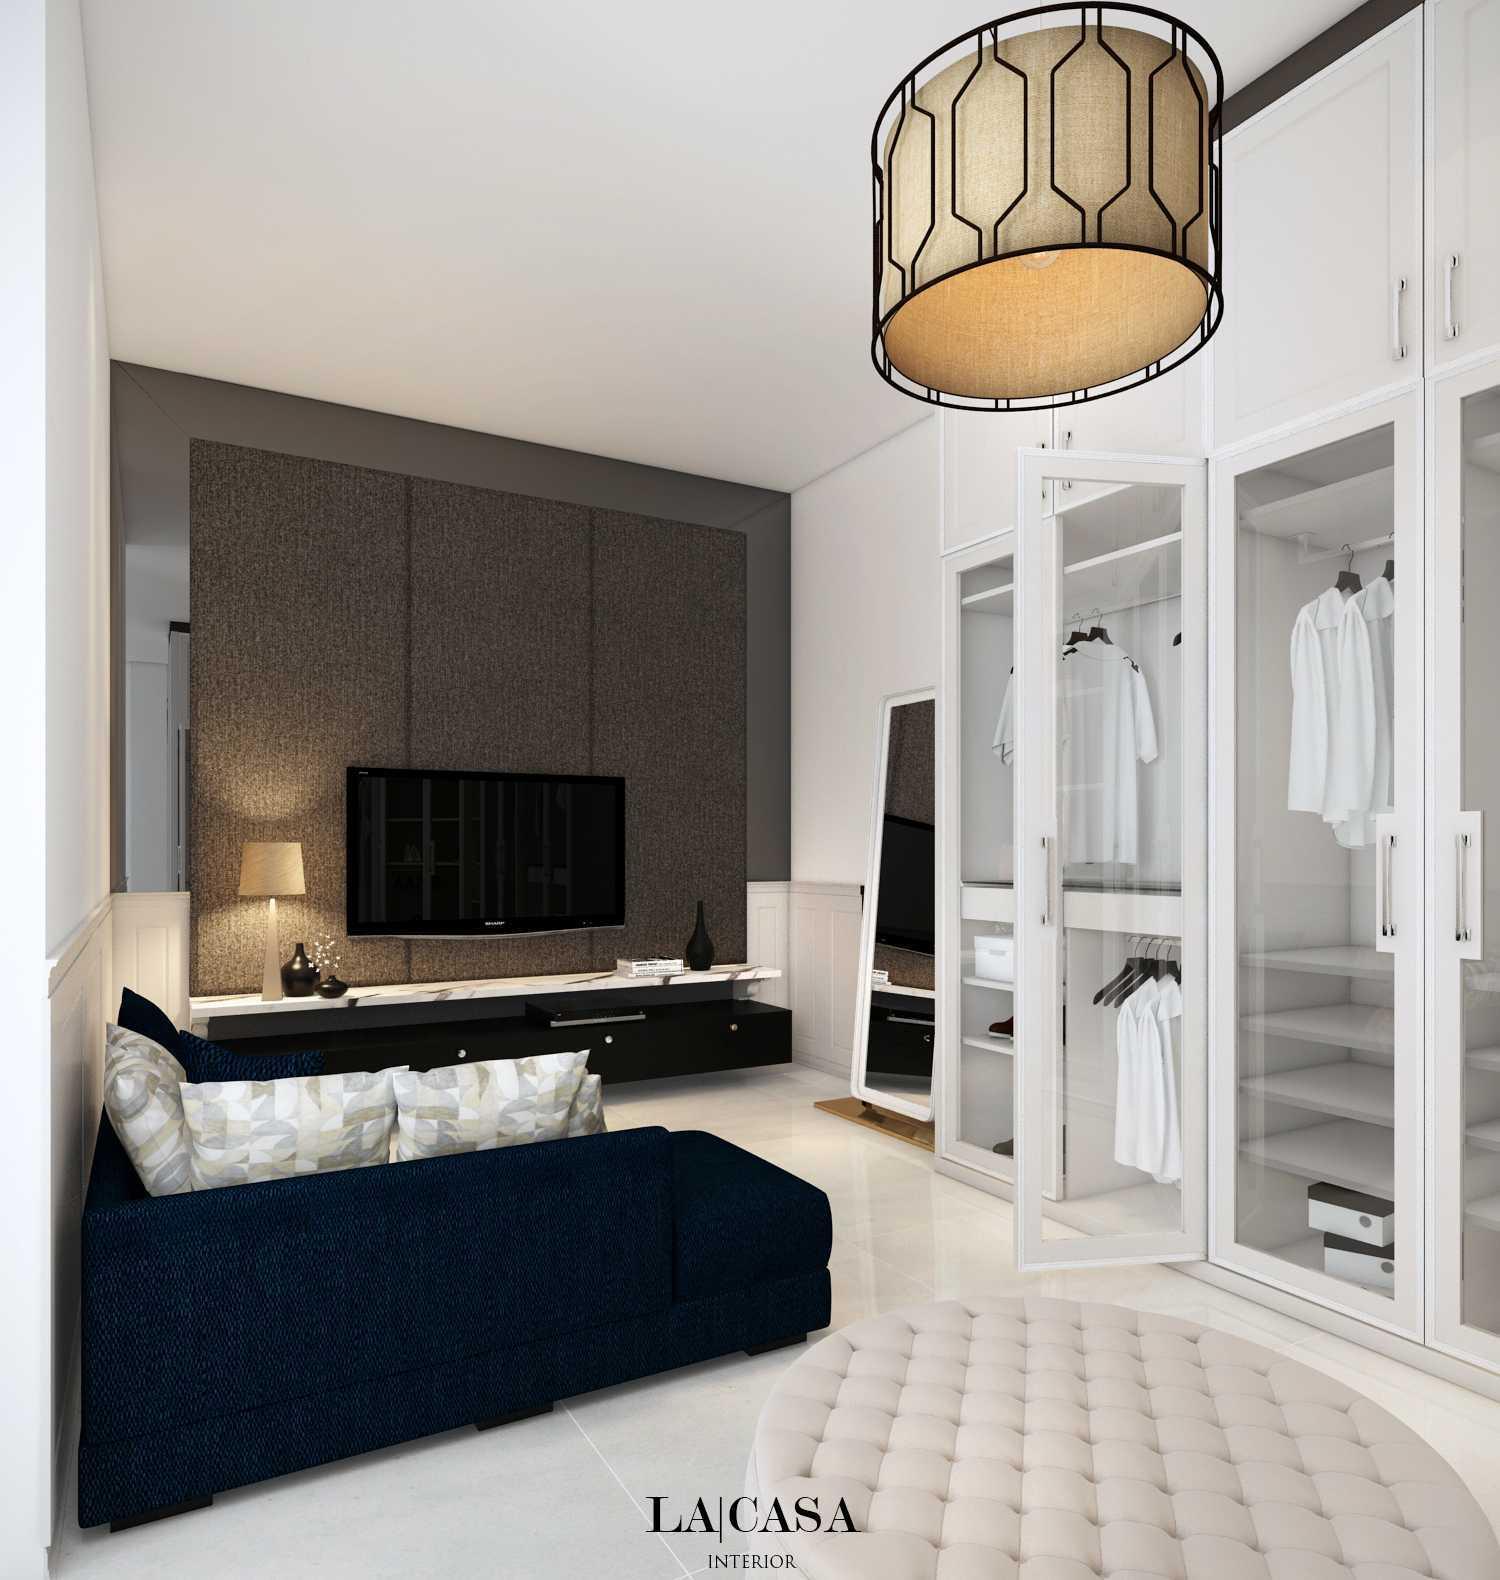 La.casa J's Bedroom Kota Medan, Sumatera Utara, Indonesia Kota Medan, Sumatera Utara, Indonesia Bedroom Victorian,modern  38243